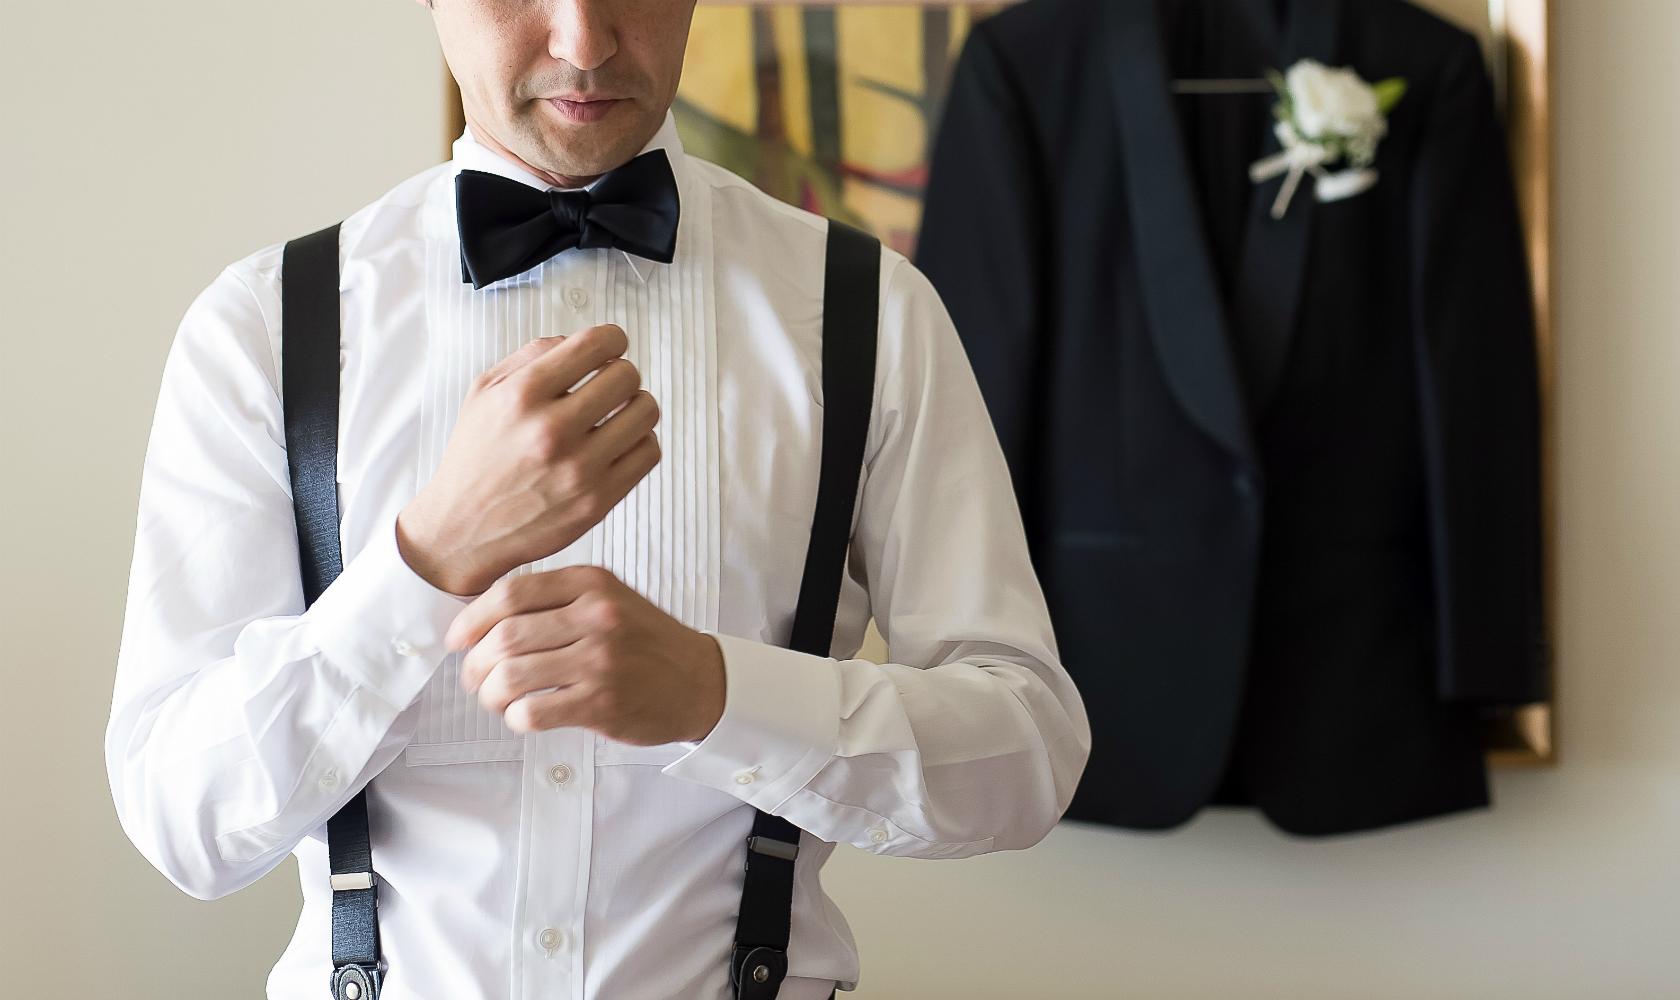 新郎のオーダーメイド衣装の選び方